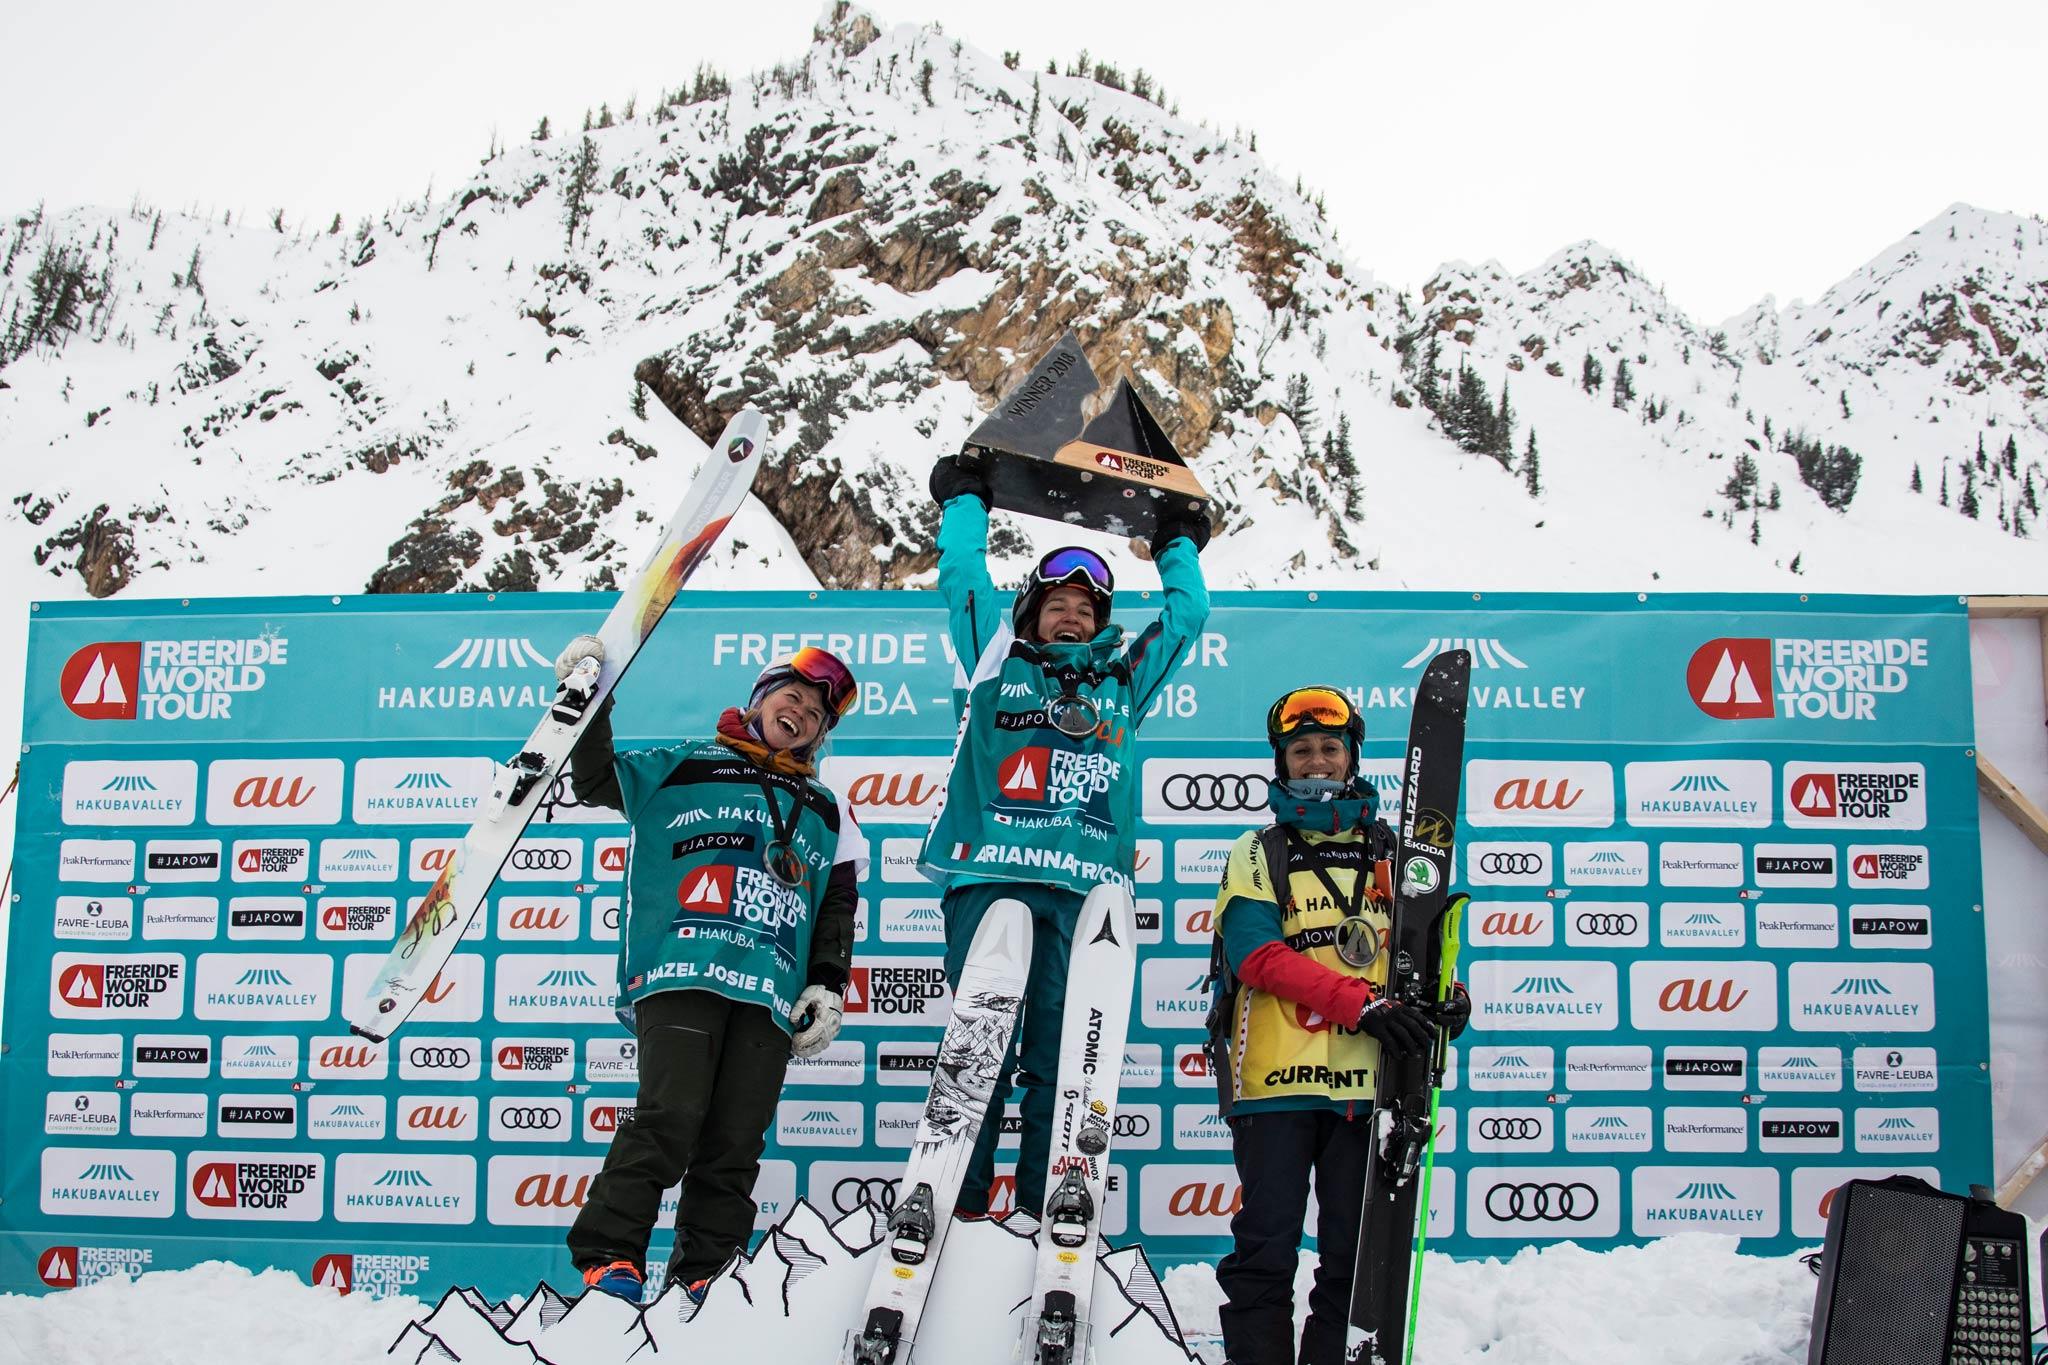 Tricomi und Malakhov gewinnen den japanisch-kanadischen Stopp bei der Freeride World Tour